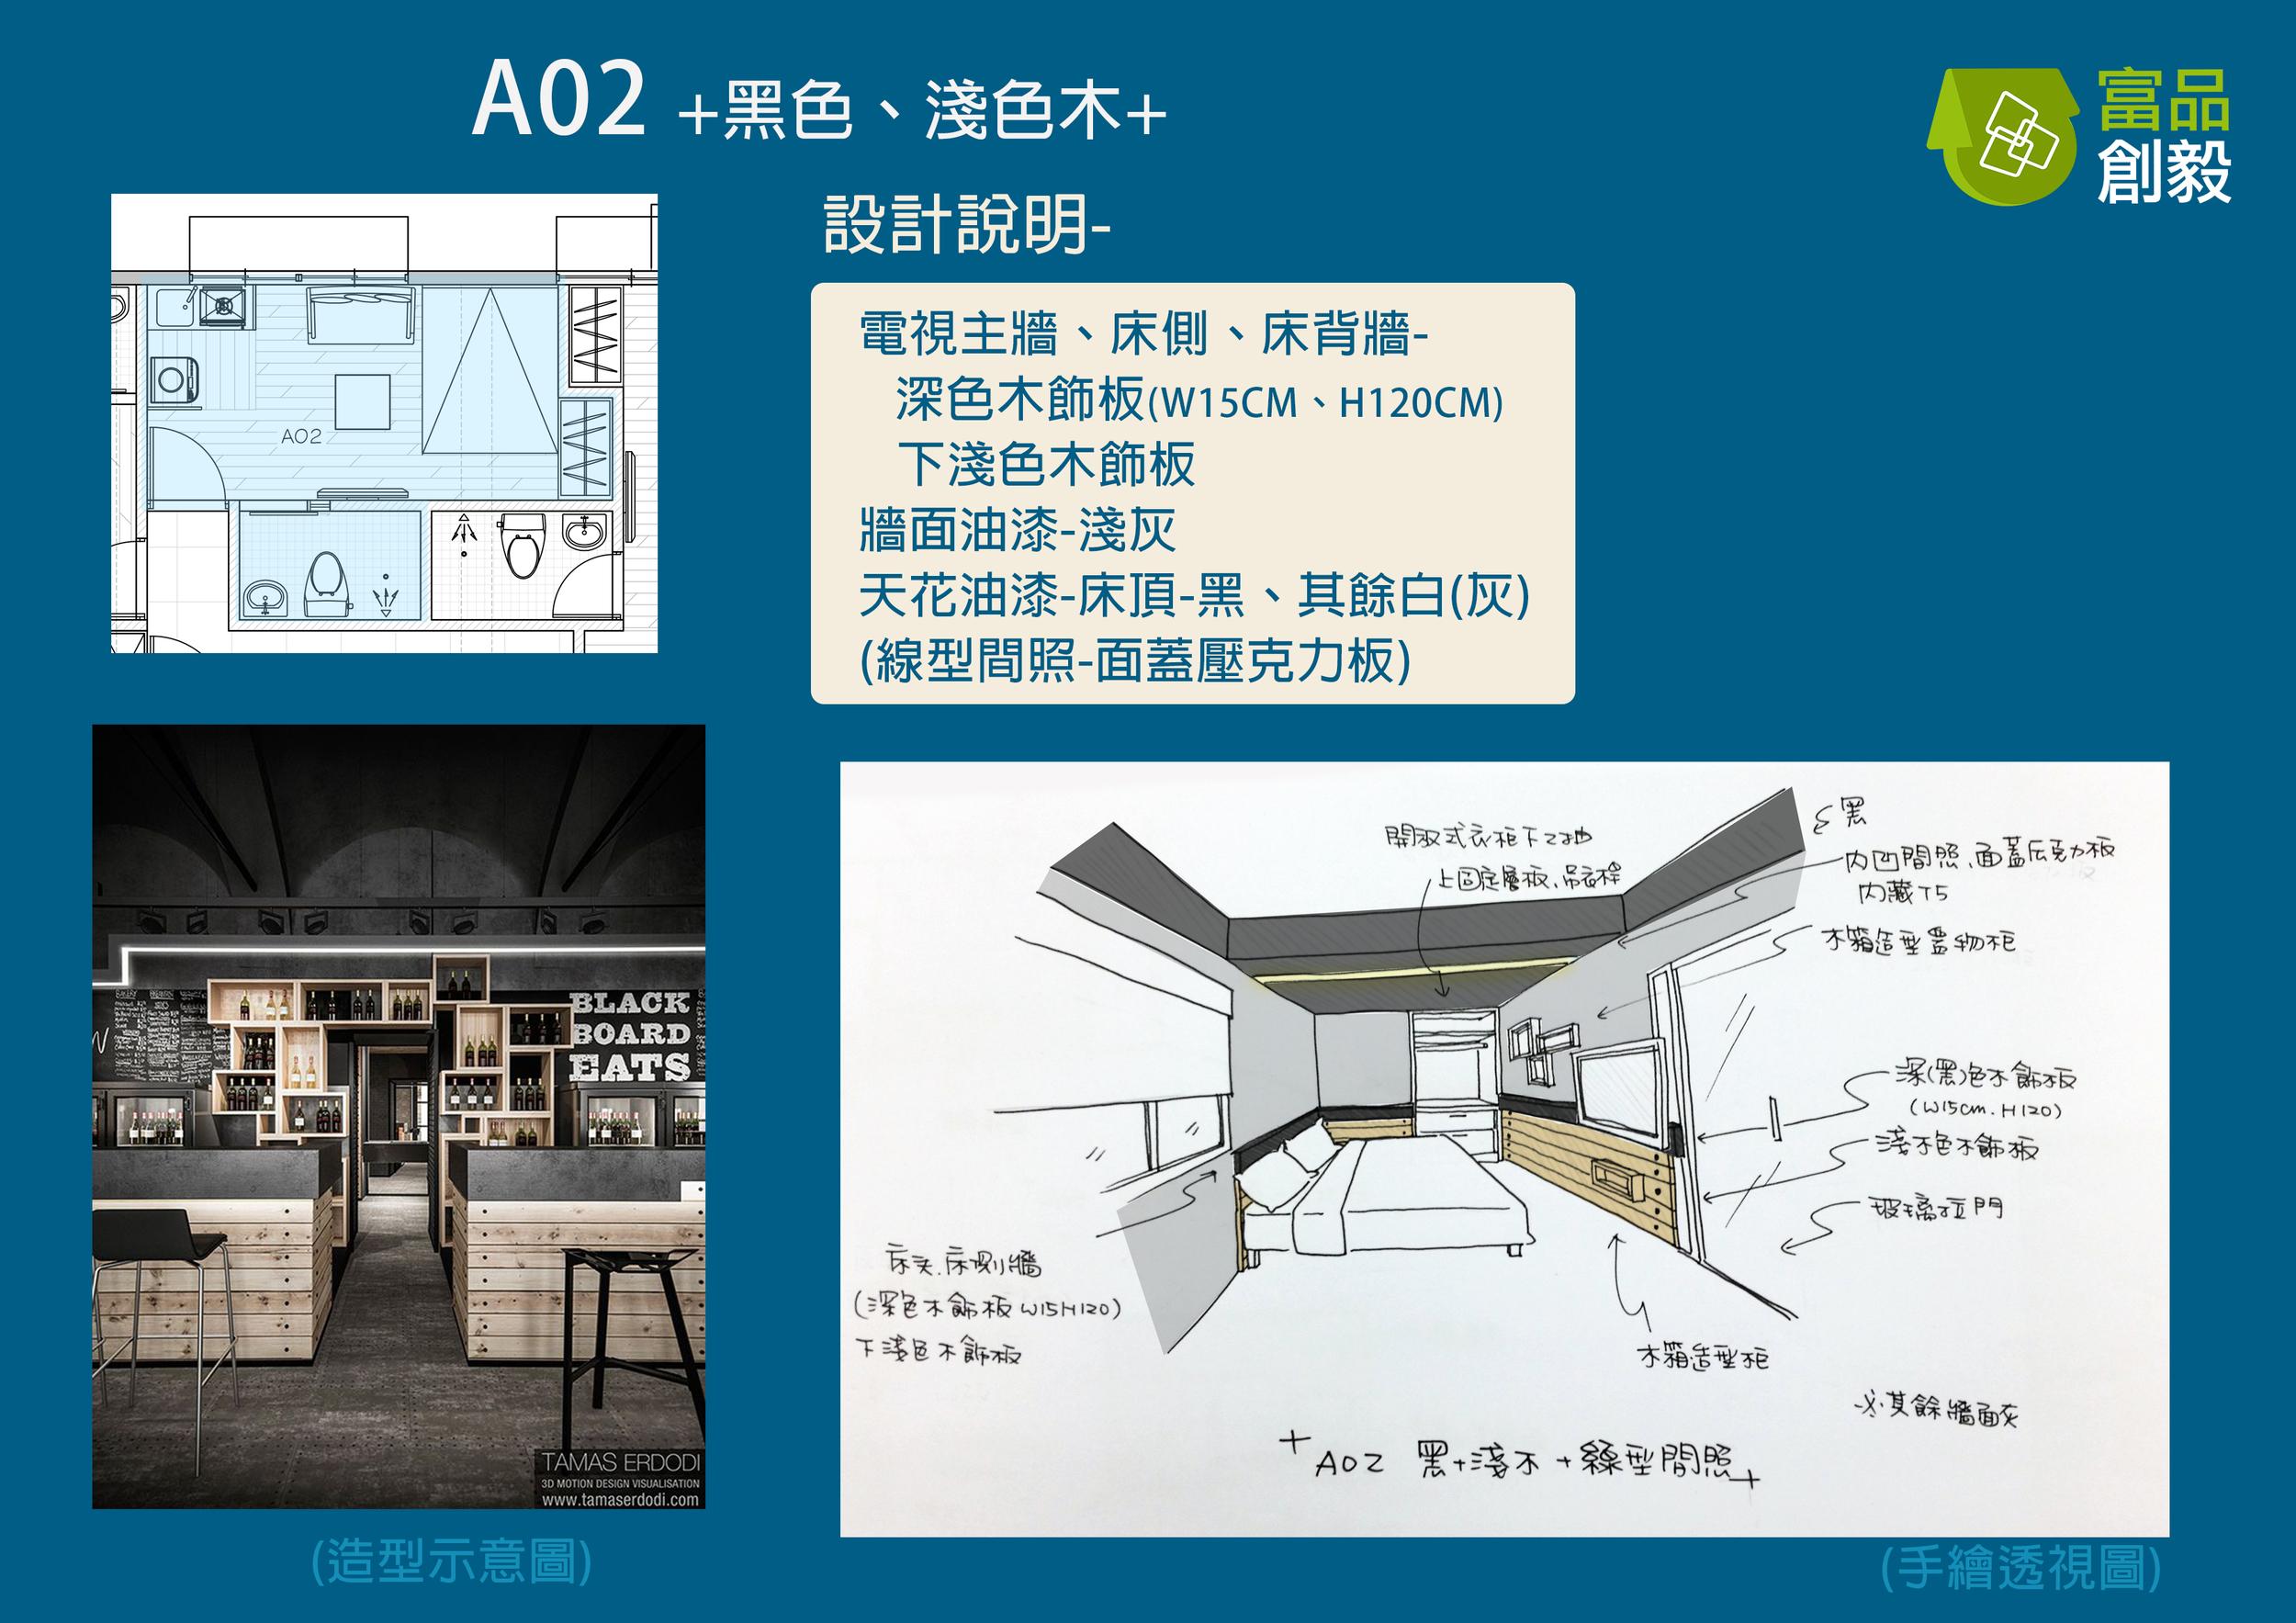 長江路風格-A02.jpg